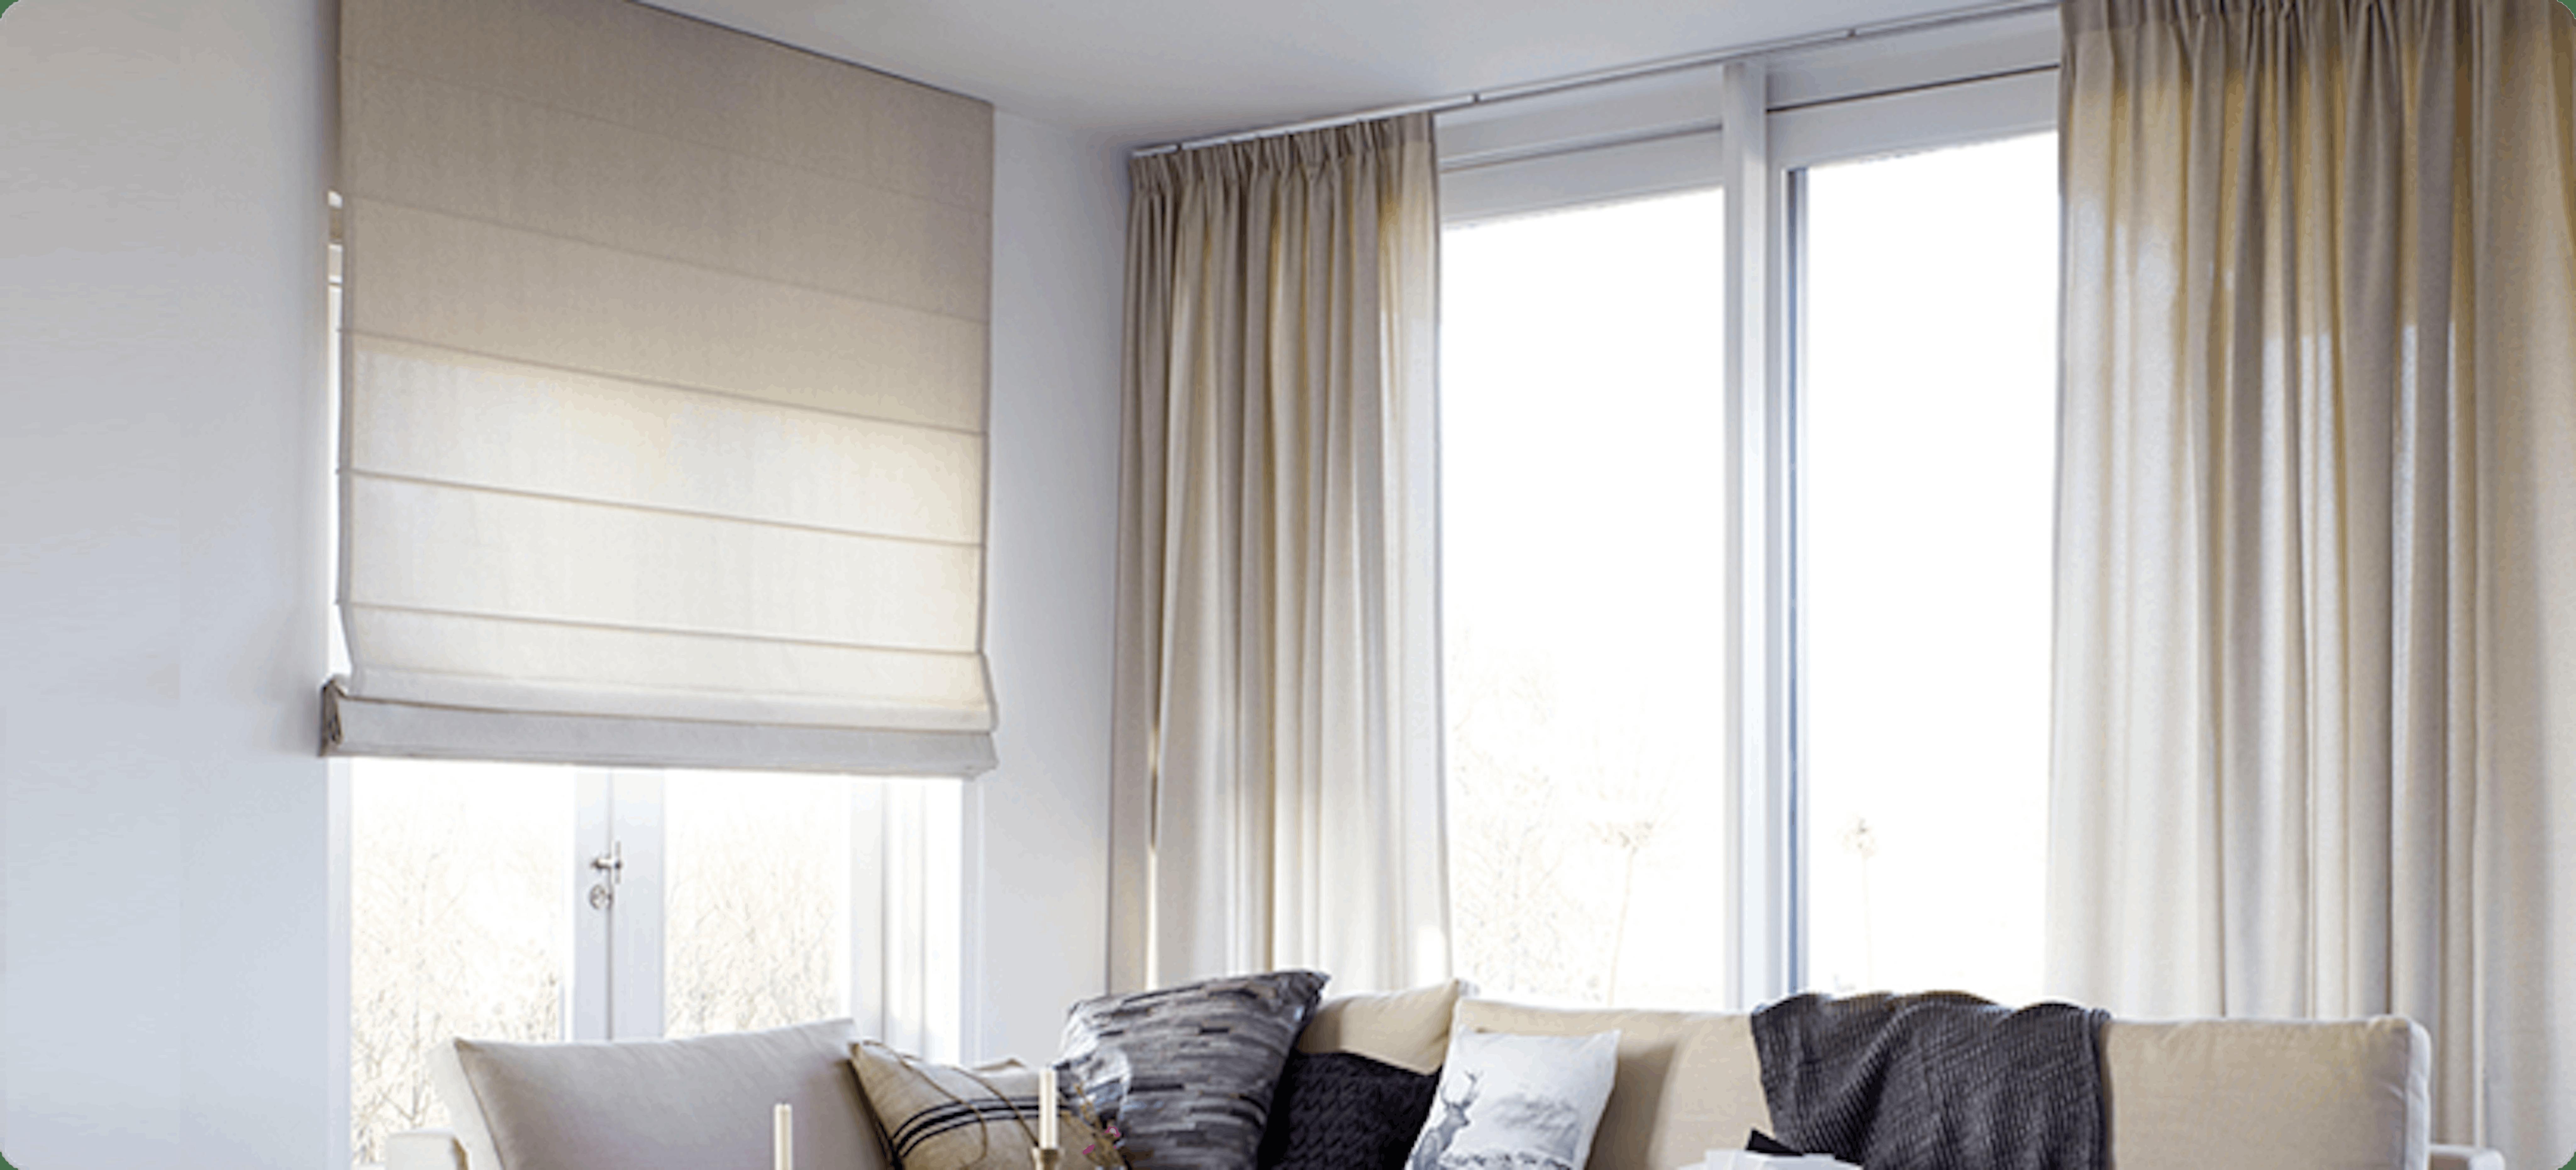 Raamdecoratie voor je schuifpui: wat kies jij?